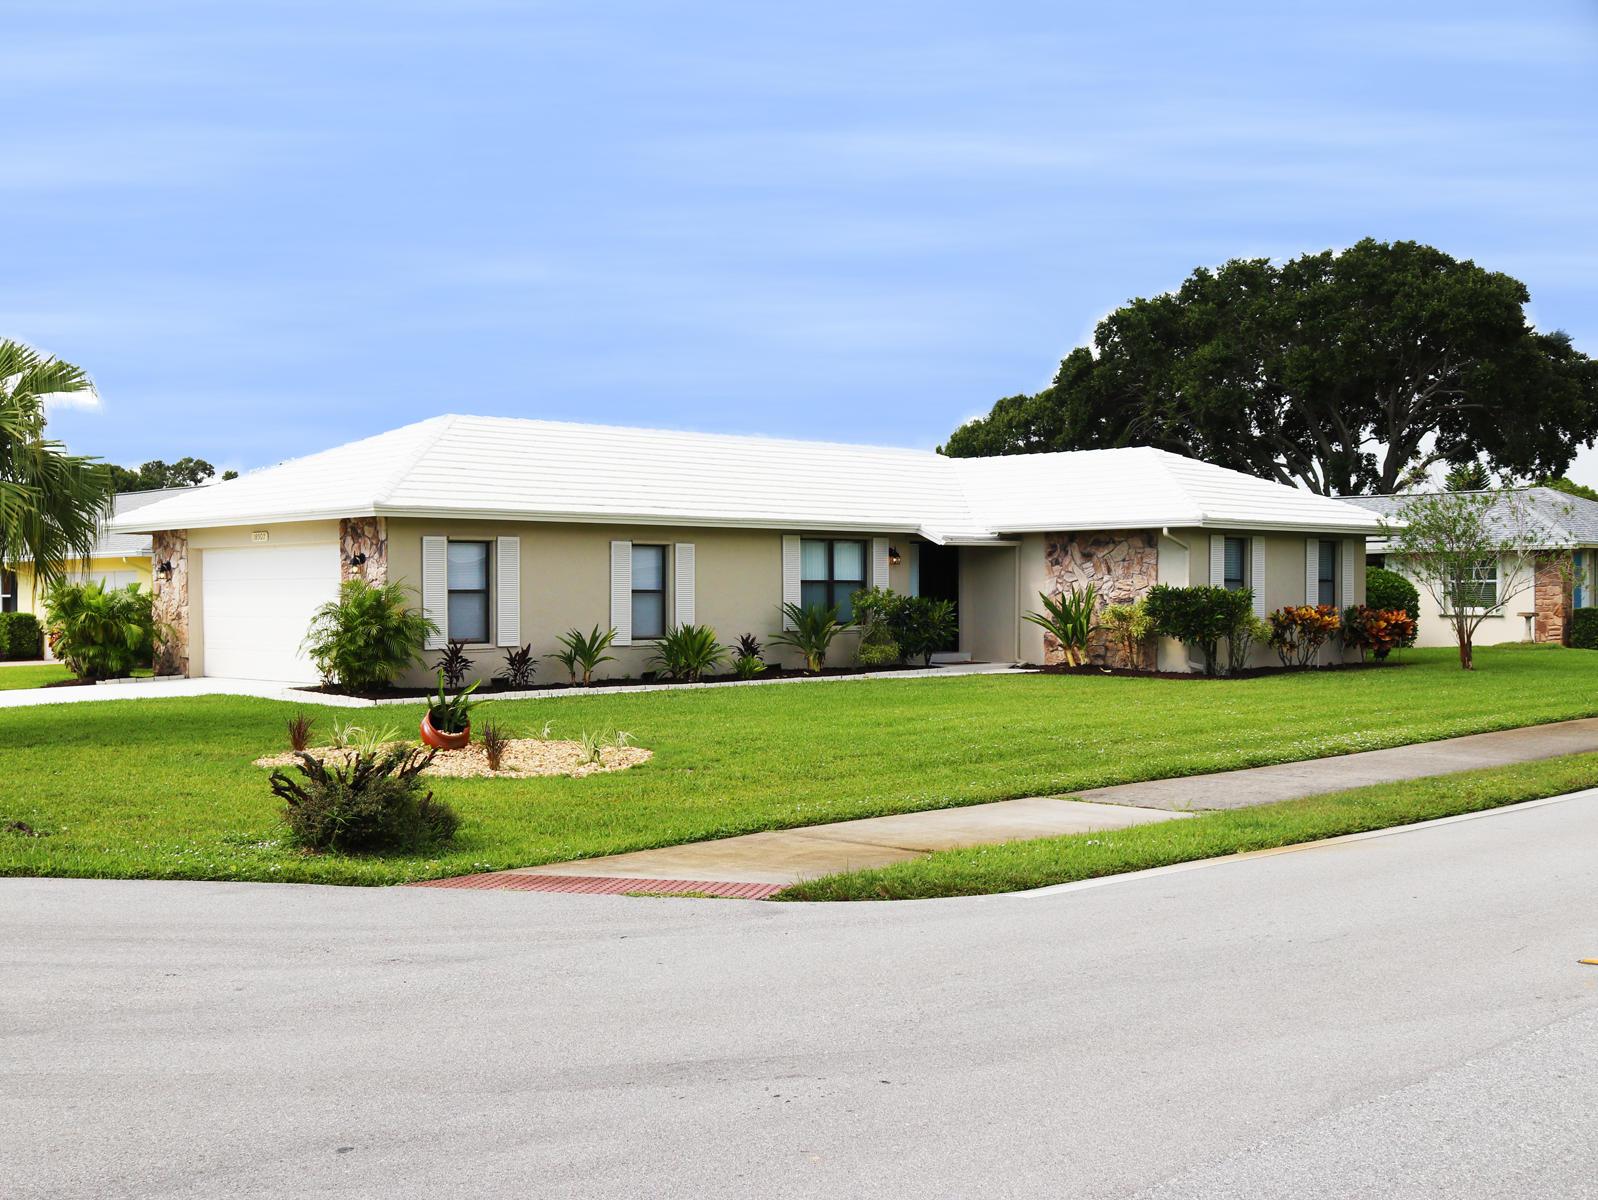 18302 SE Eagle, Tequesta, Florida 33469